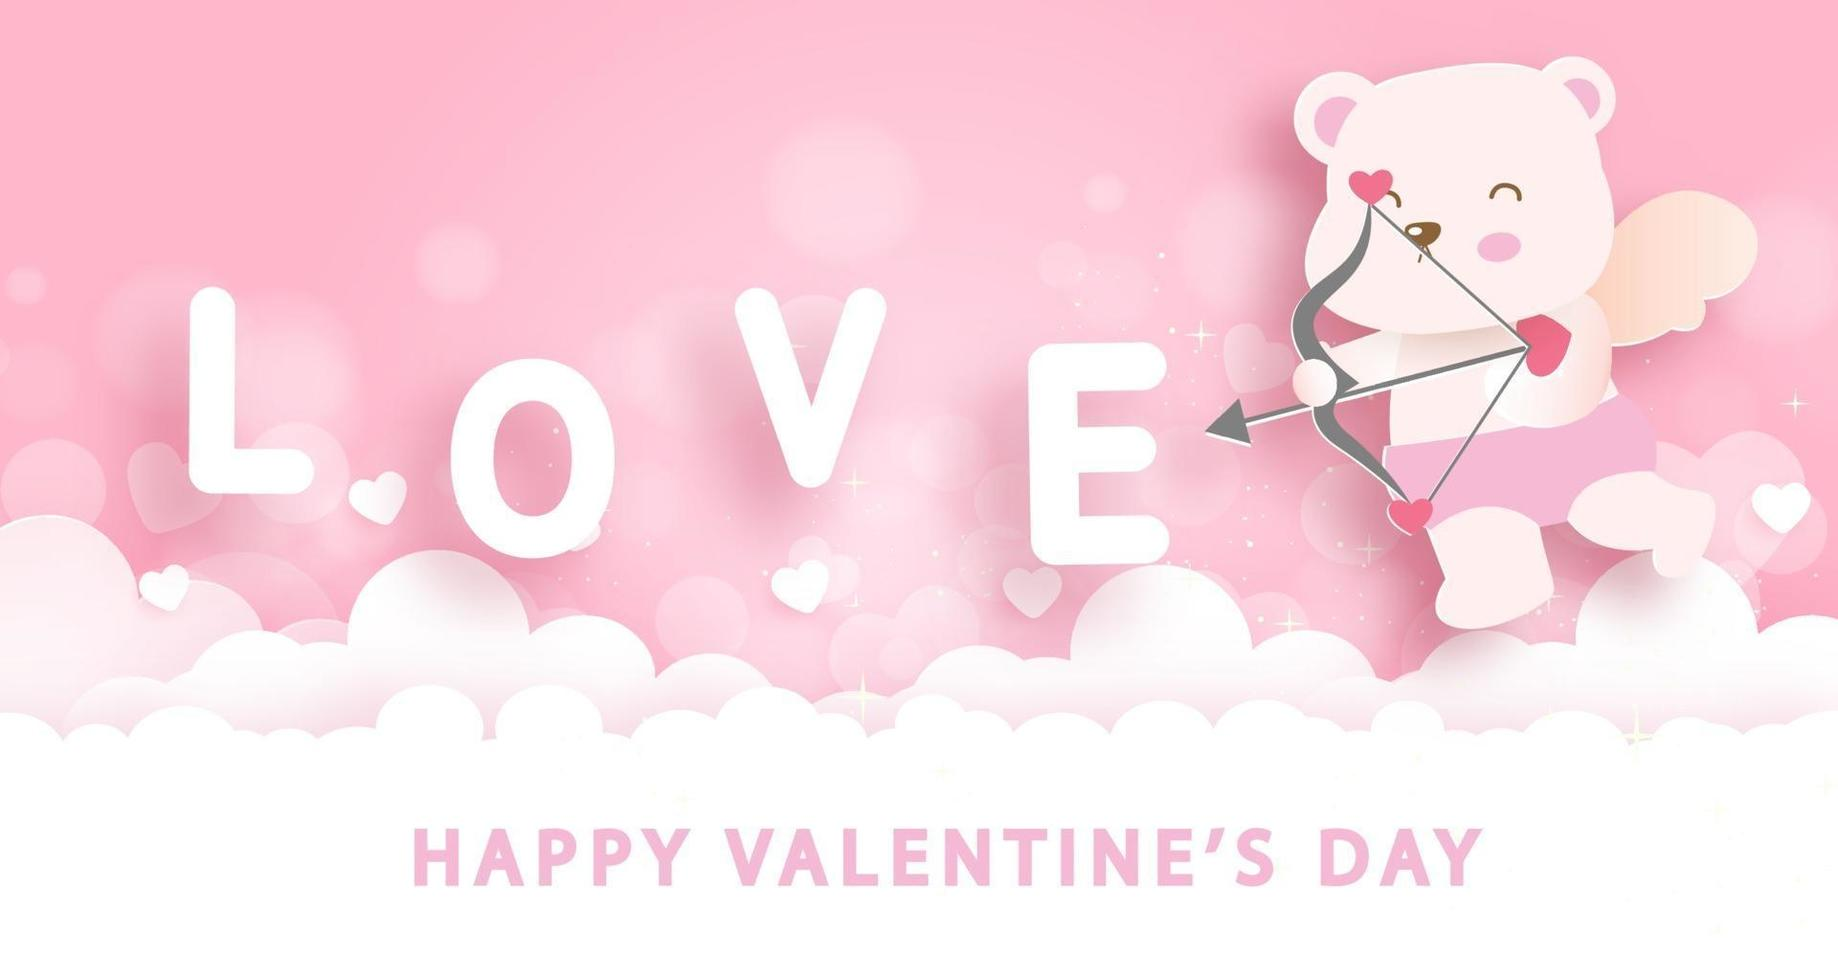 Alla hjärtans gratulationskort med söt amor. vektor